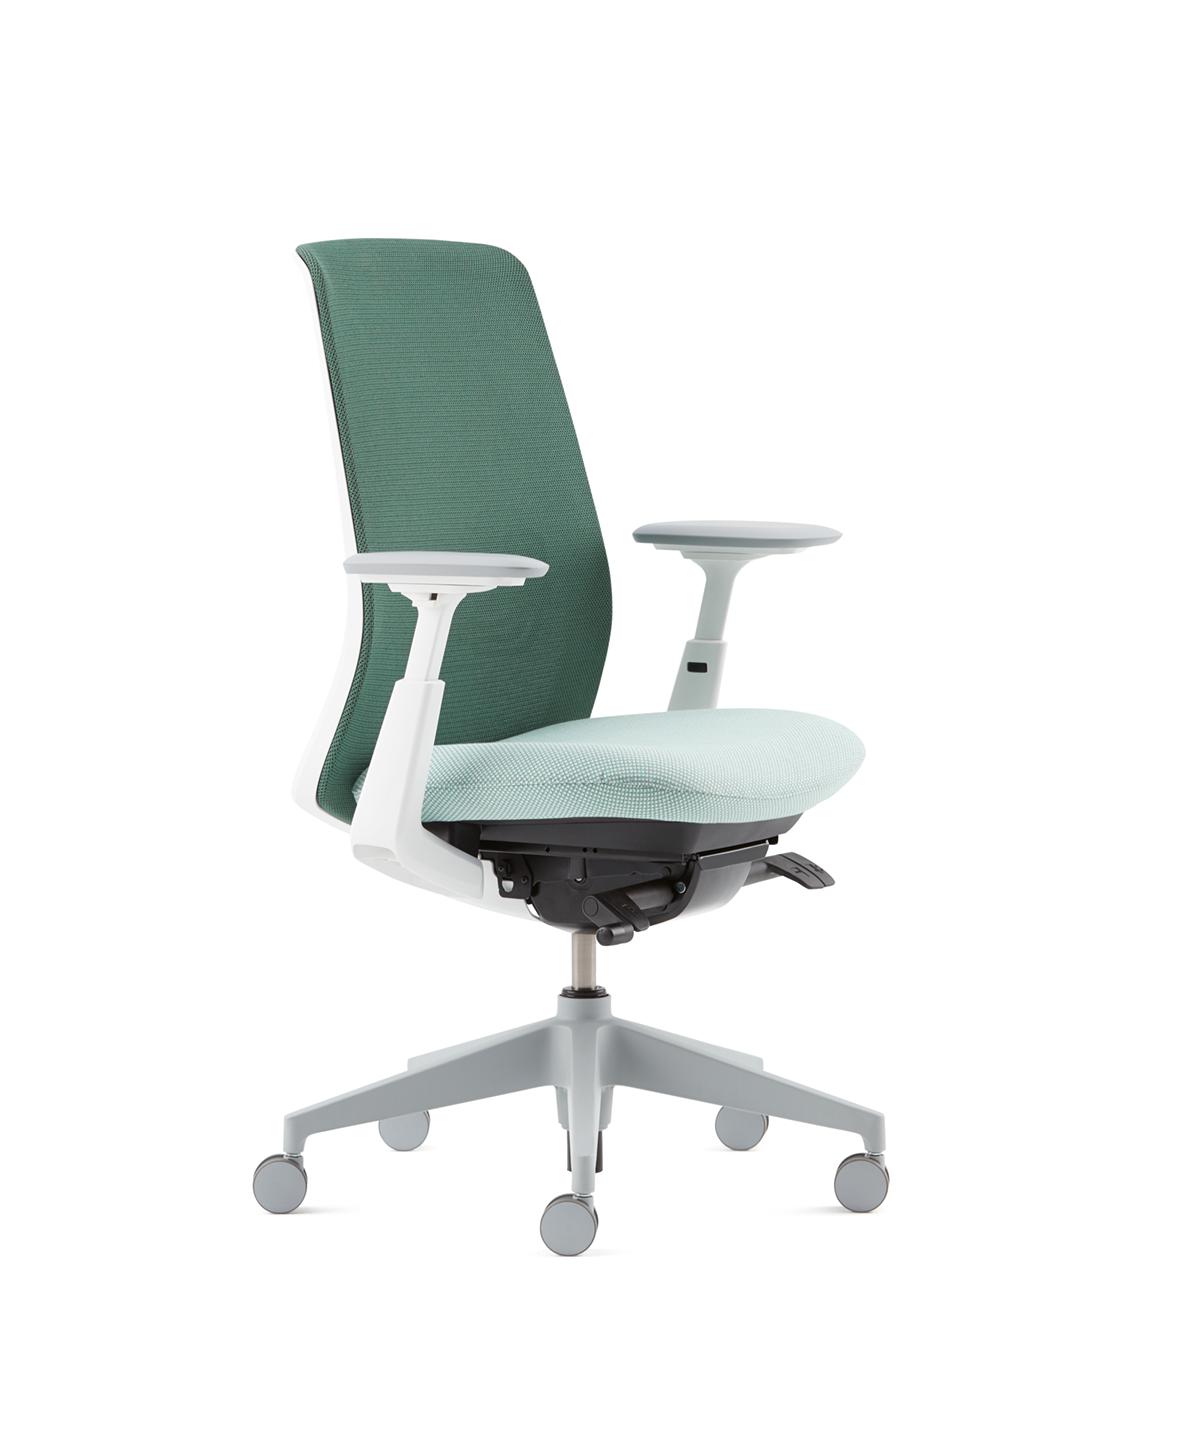 Seating: Haworth Soji